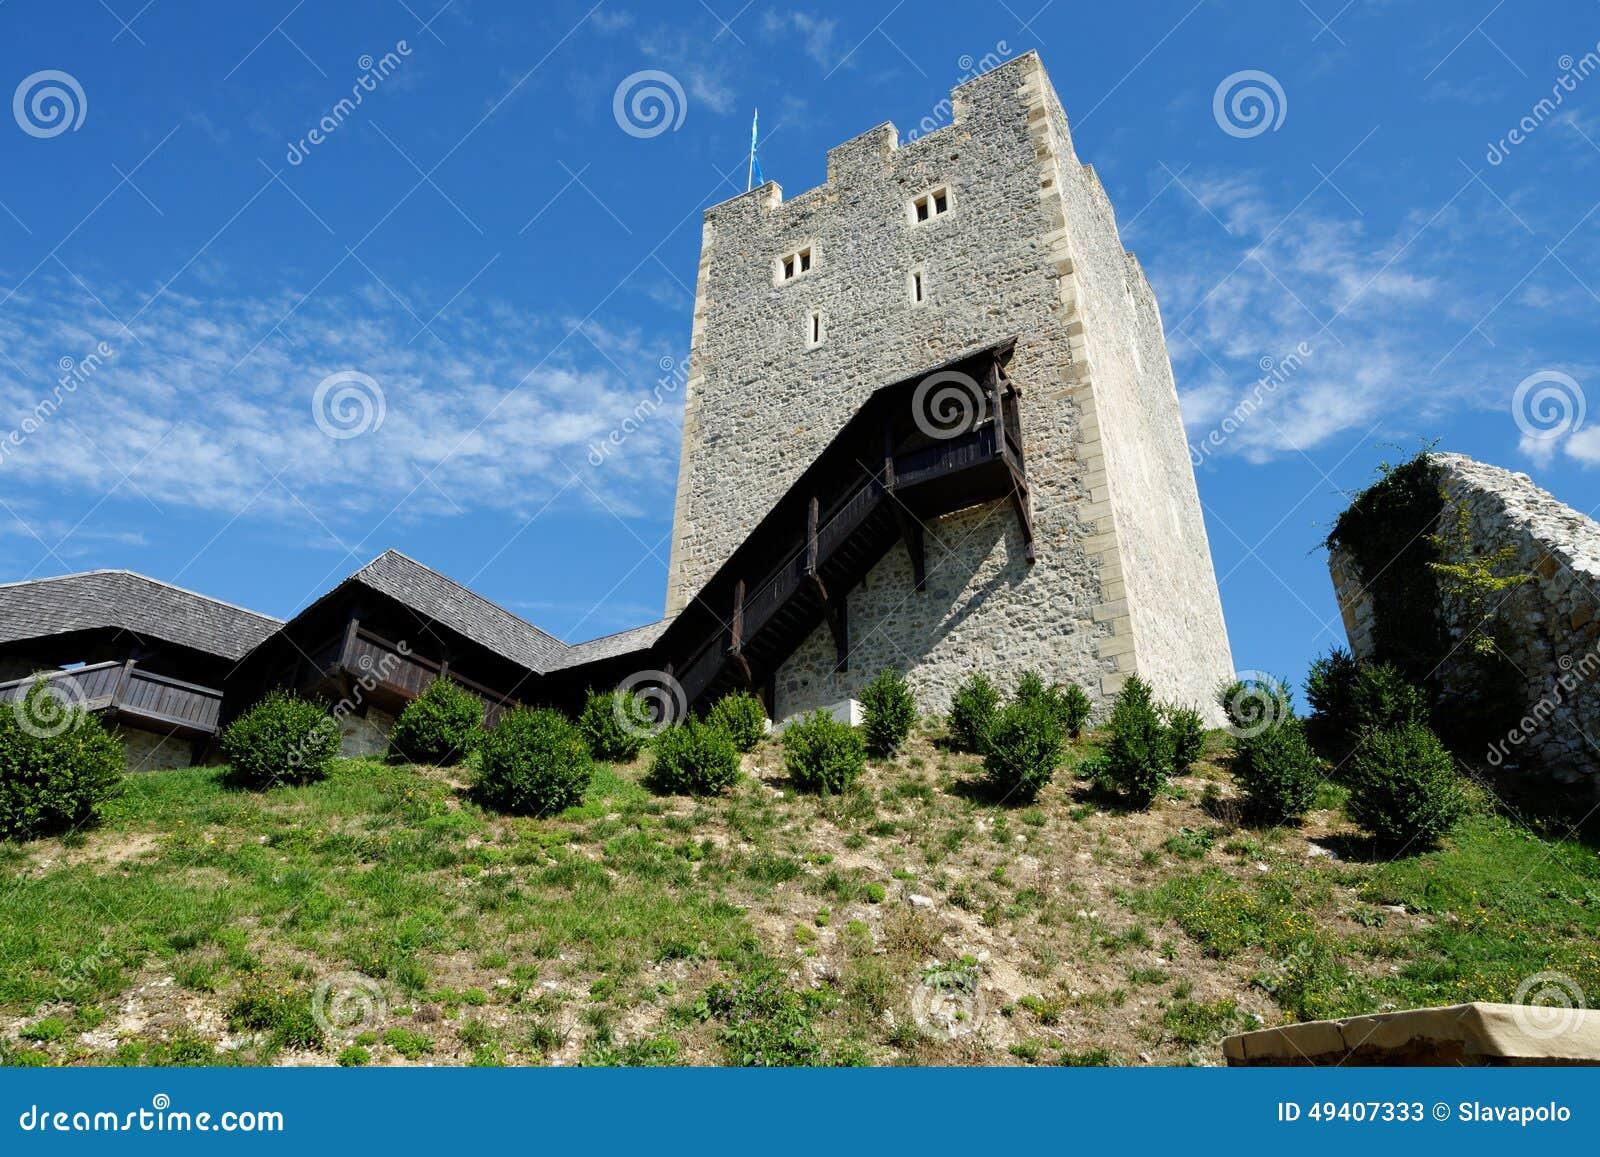 Download Halten Sie Turm Mittelalterlichen Schlosses Celje In Slowenien Stockbild - Bild von gebäude, historisch: 49407333